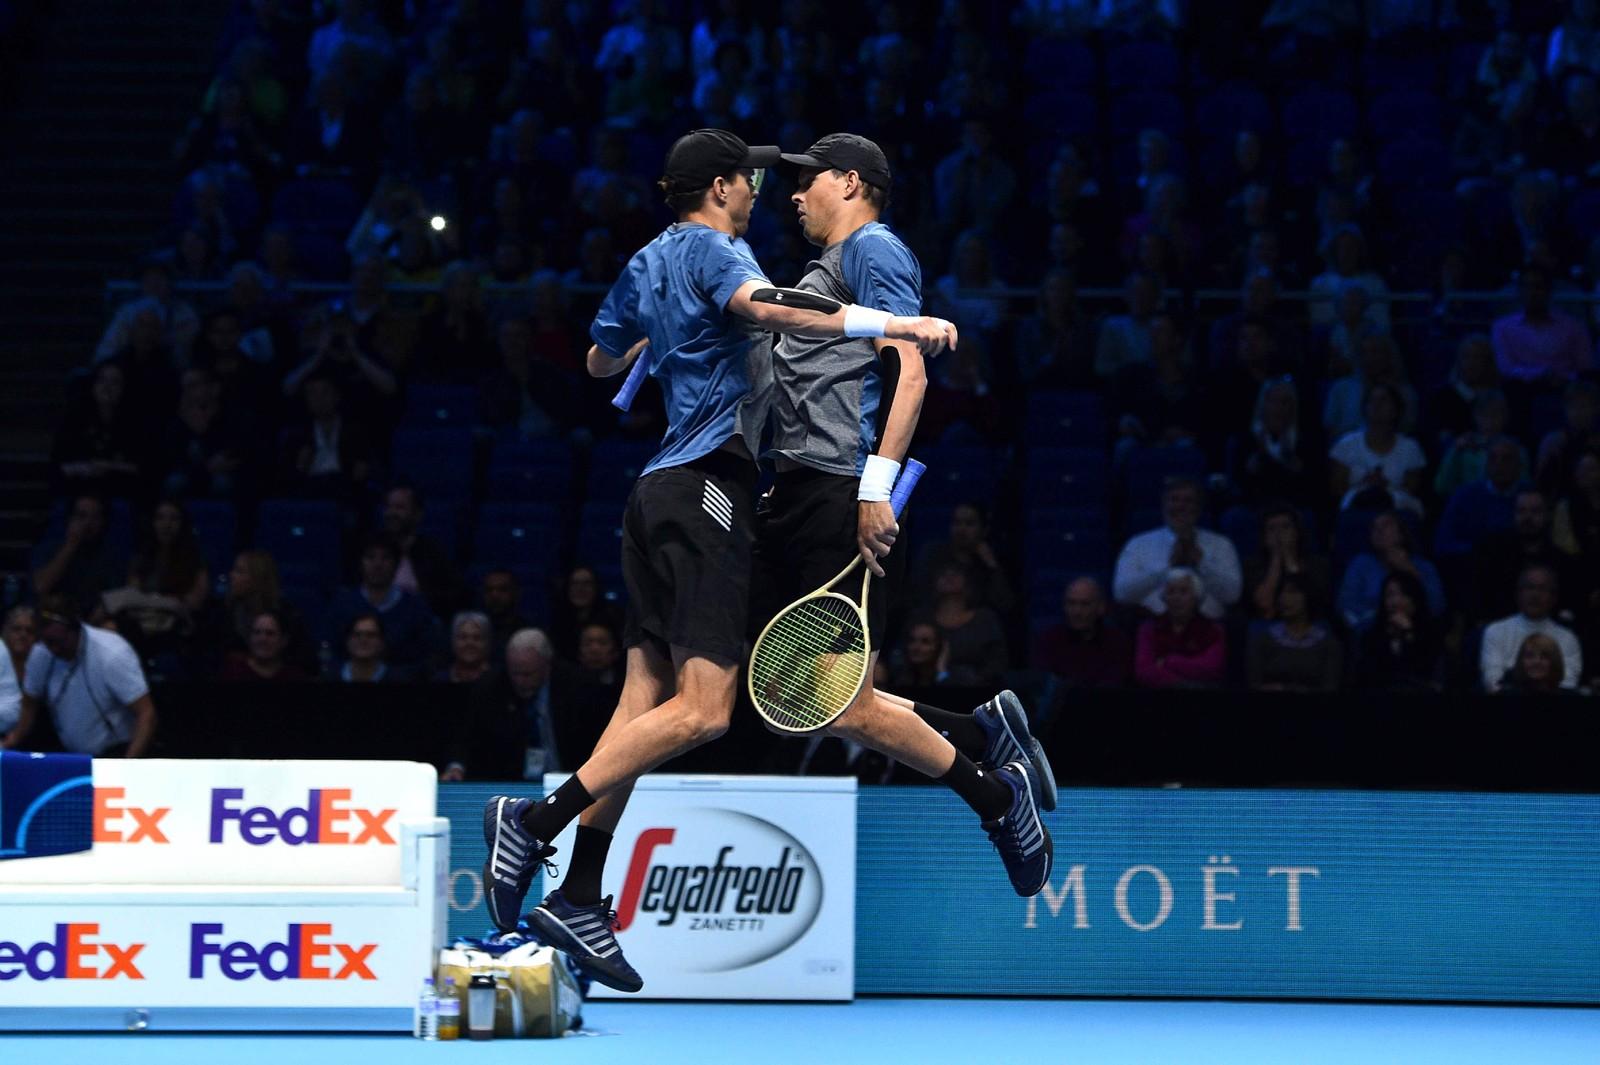 Nei, tennis har ikke blitt en kampsport. De amerikanske tvillingene Bob og Mike Bryan feirer seieren mot filippinske Treat Huey og hviterussiske Max Mirnyi i London.